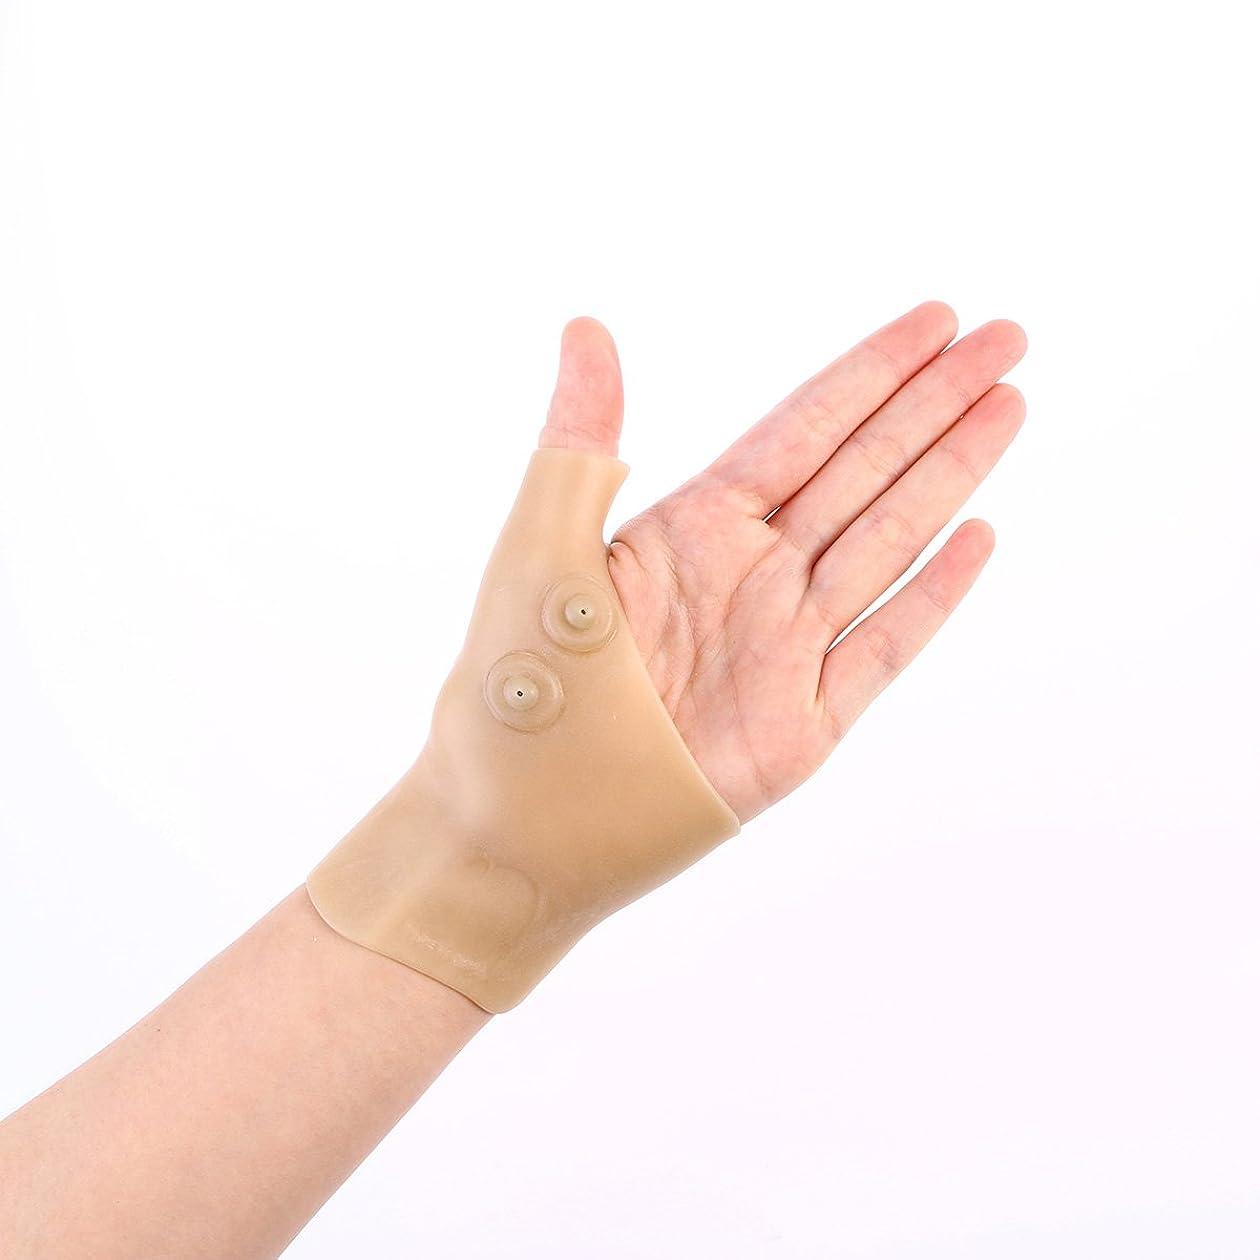 息苦しい醜い詳細なHealifty 首サポートブレース シリコンゲル 腱鞘炎 バネ指 手首の親指の痛みを和らげる 2個